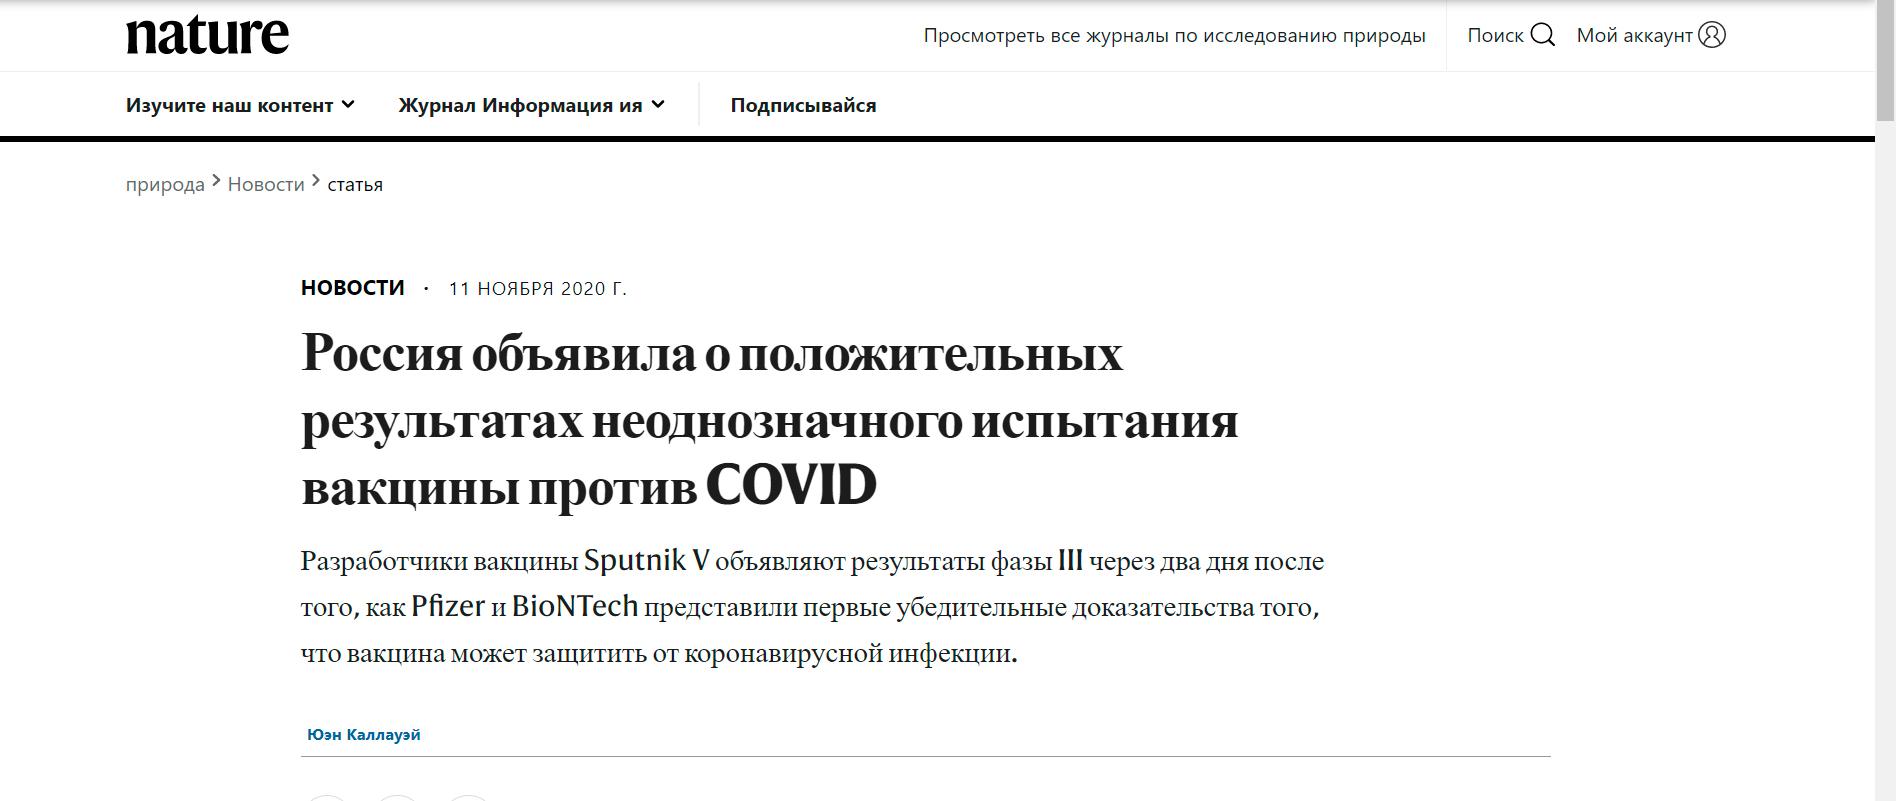 Первые вакцины от COVID-19. Сравнение российской Спутник V и BNT162b2 от Pfizer